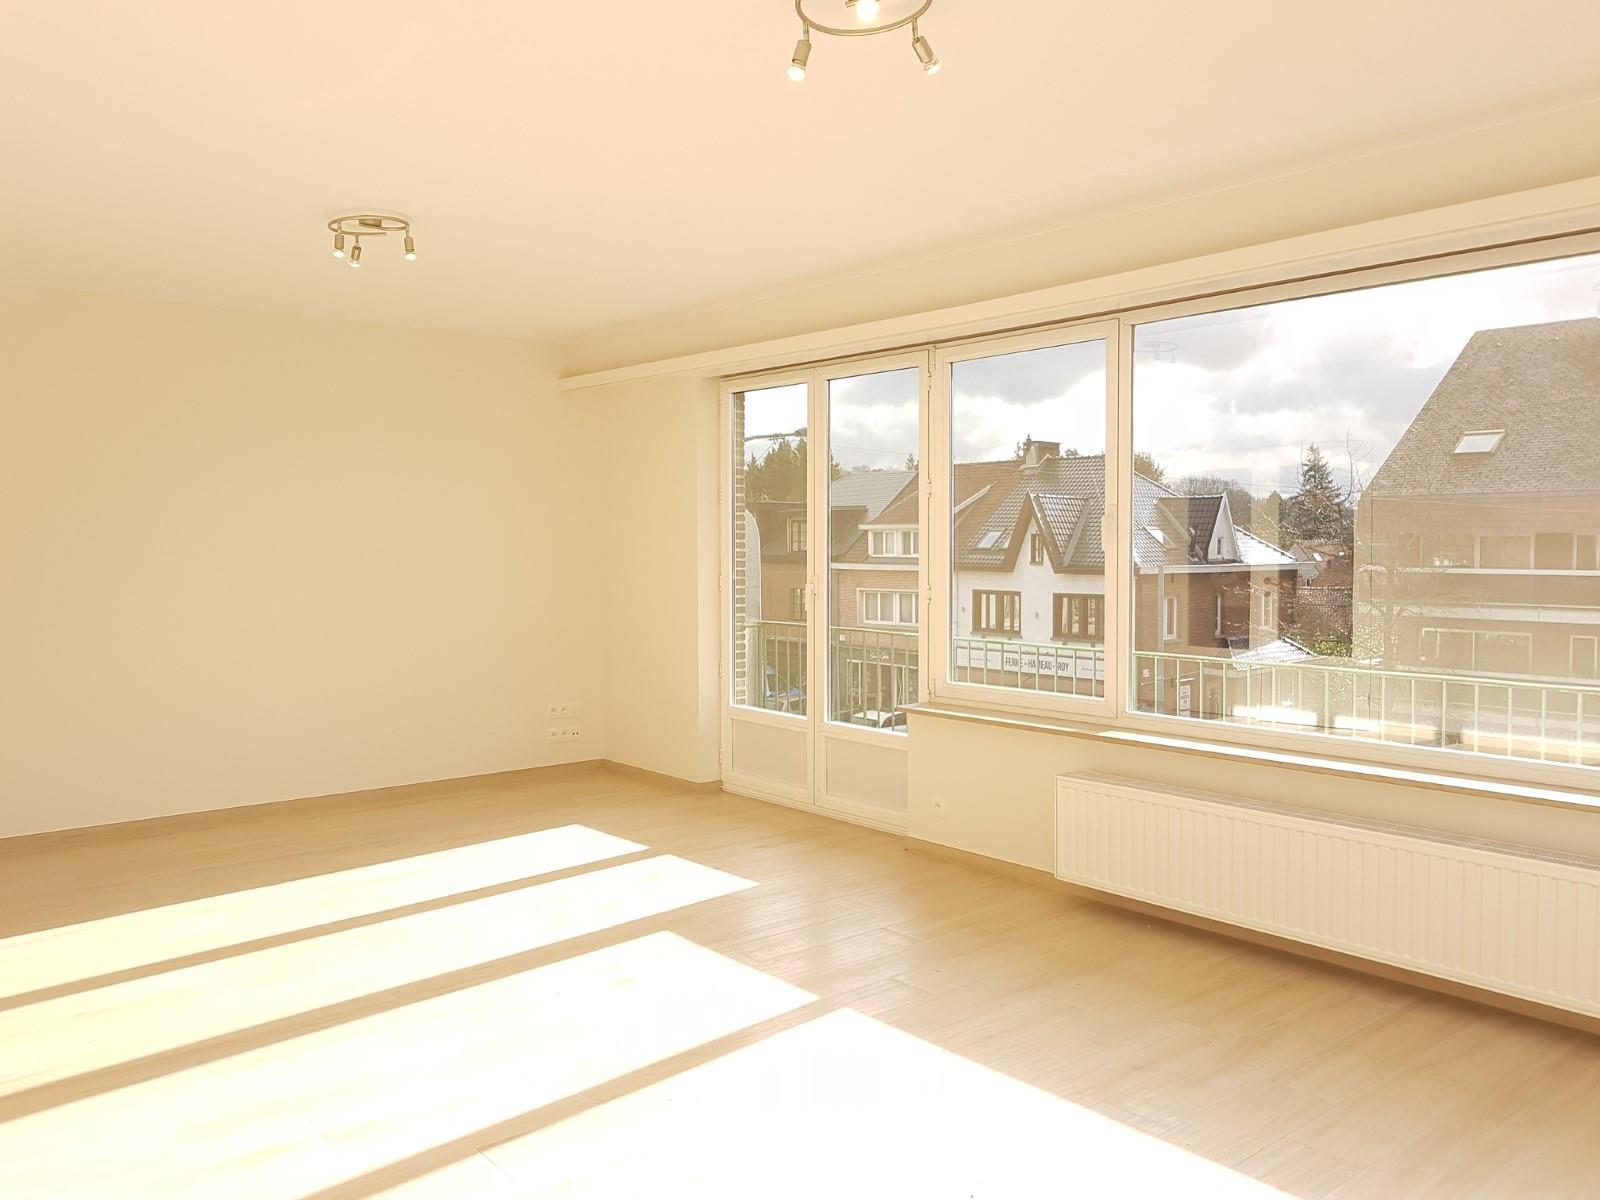 Appartement - Rhode-Saint-Genèse - #4185053-13